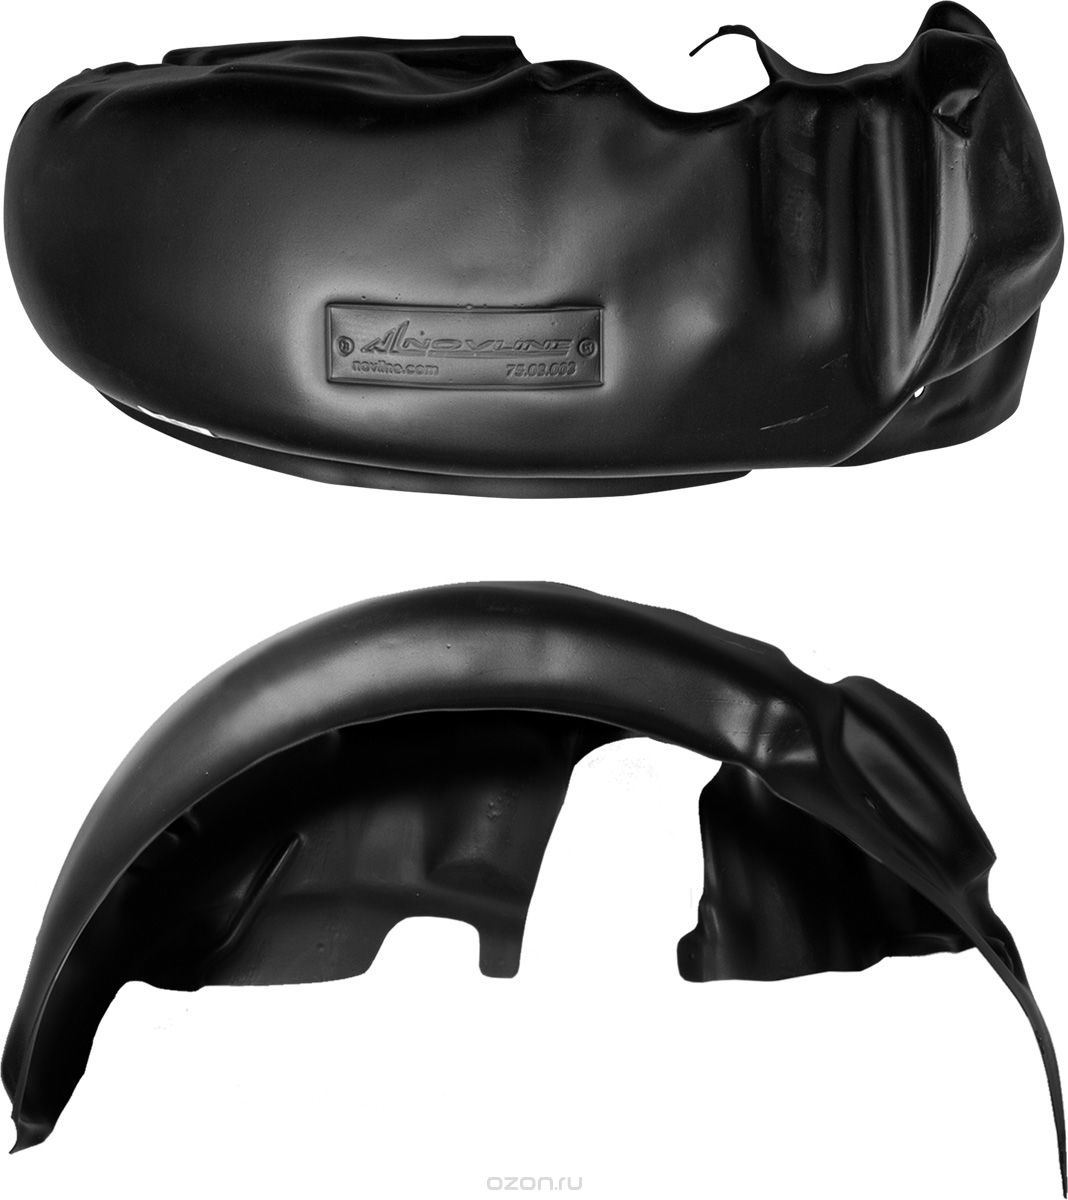 Подкрылок Novline-Autofamily, для FORD EcoSport 4WD, 2014->, задний правыйVCA-00Идеальная защита колесной ниши. Локеры разработаны с применением цифровых технологий, гарантируют максимальную повторяемость поверхности арки. Изделия устанавливаются без нарушения лакокрасочного покрытия автомобиля, каждый подкрылок комплектуется крепежом. Уважаемые клиенты, обращаем ваше внимание, что фотографии на подкрылки универсальные и не отражают реальную форму изделия. При этом само изделие идет точно под размер указанного автомобиля.